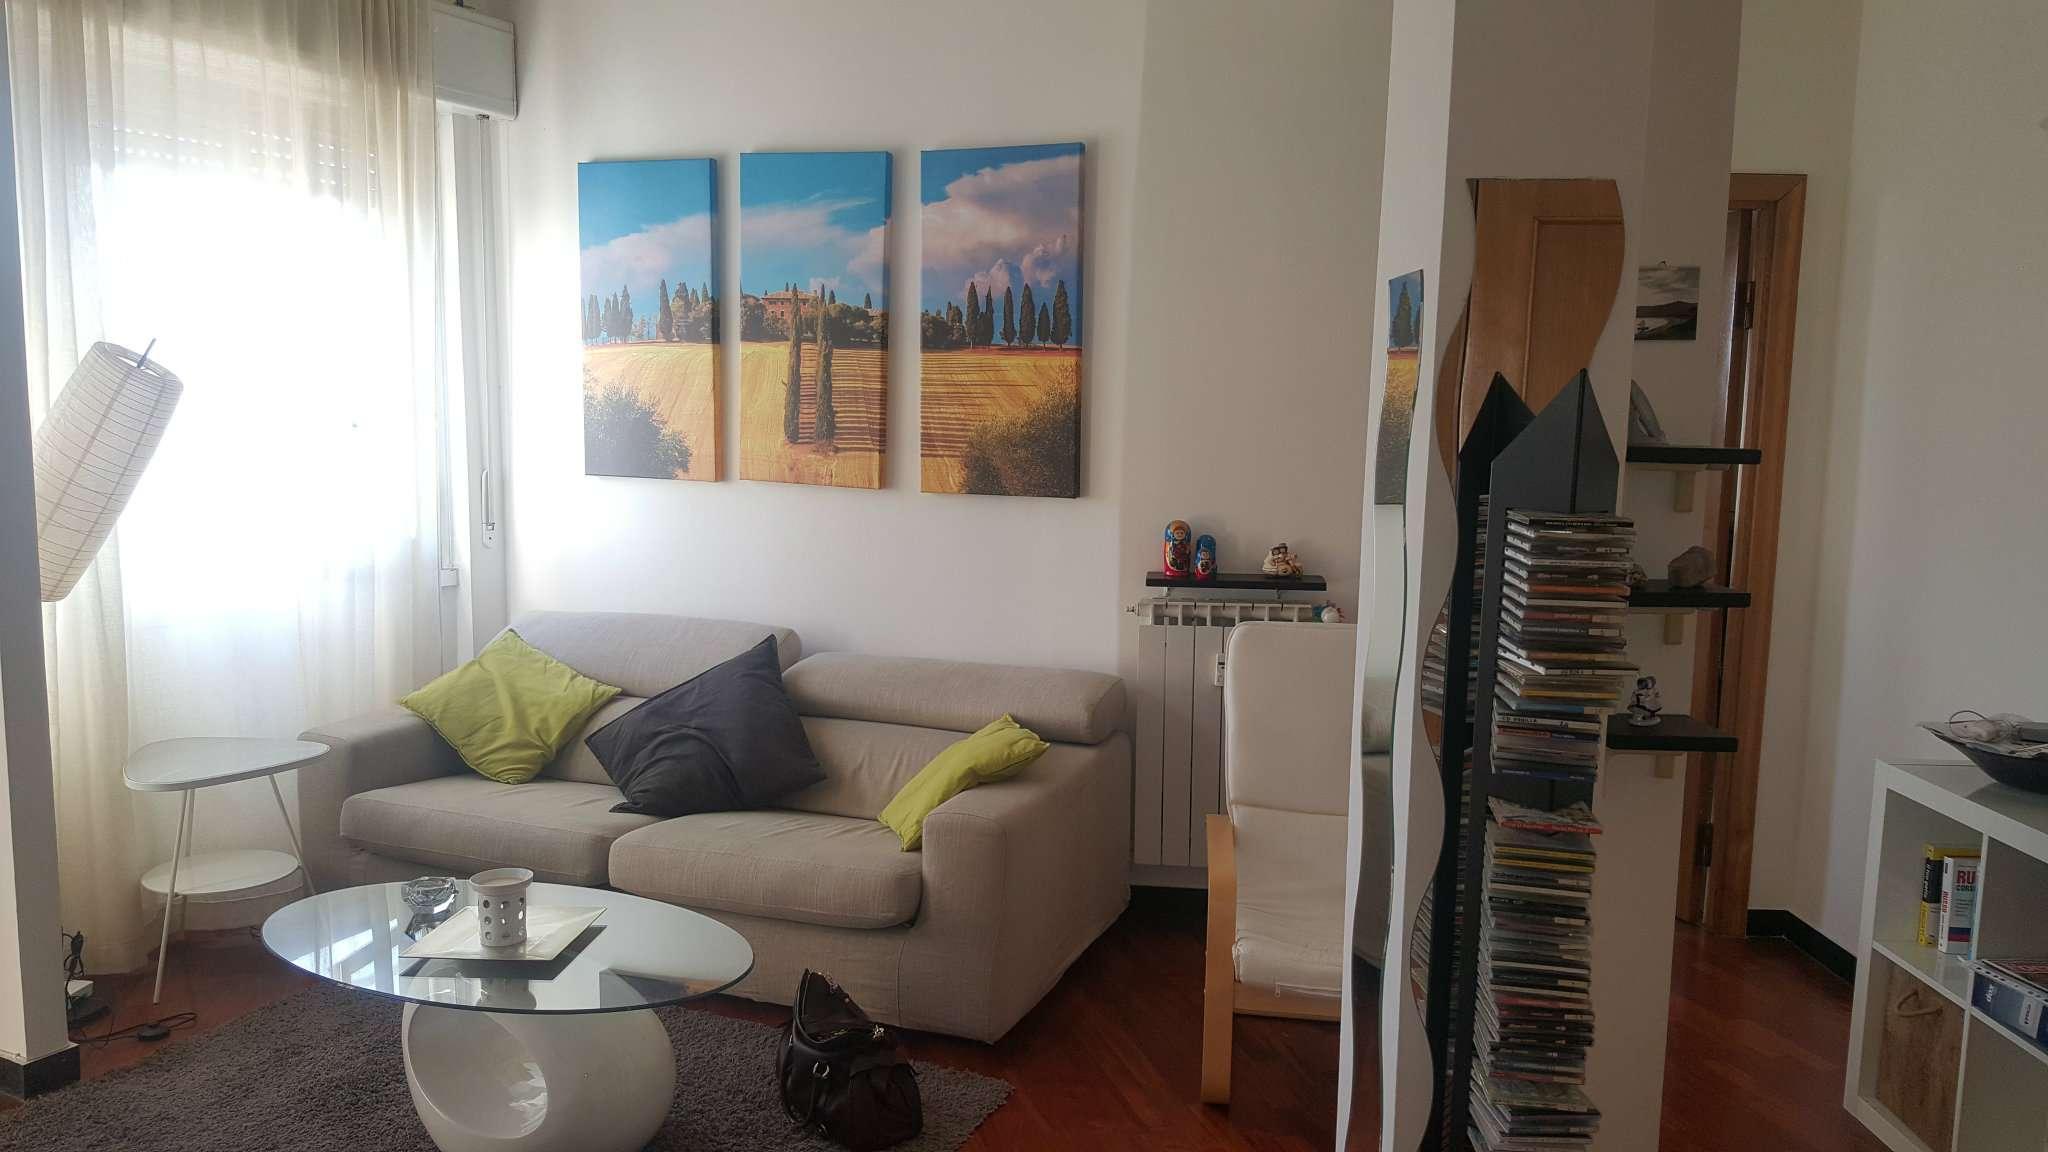 Attico / Mansarda in affitto a Genova, 3 locali, prezzo € 630   Cambio Casa.it